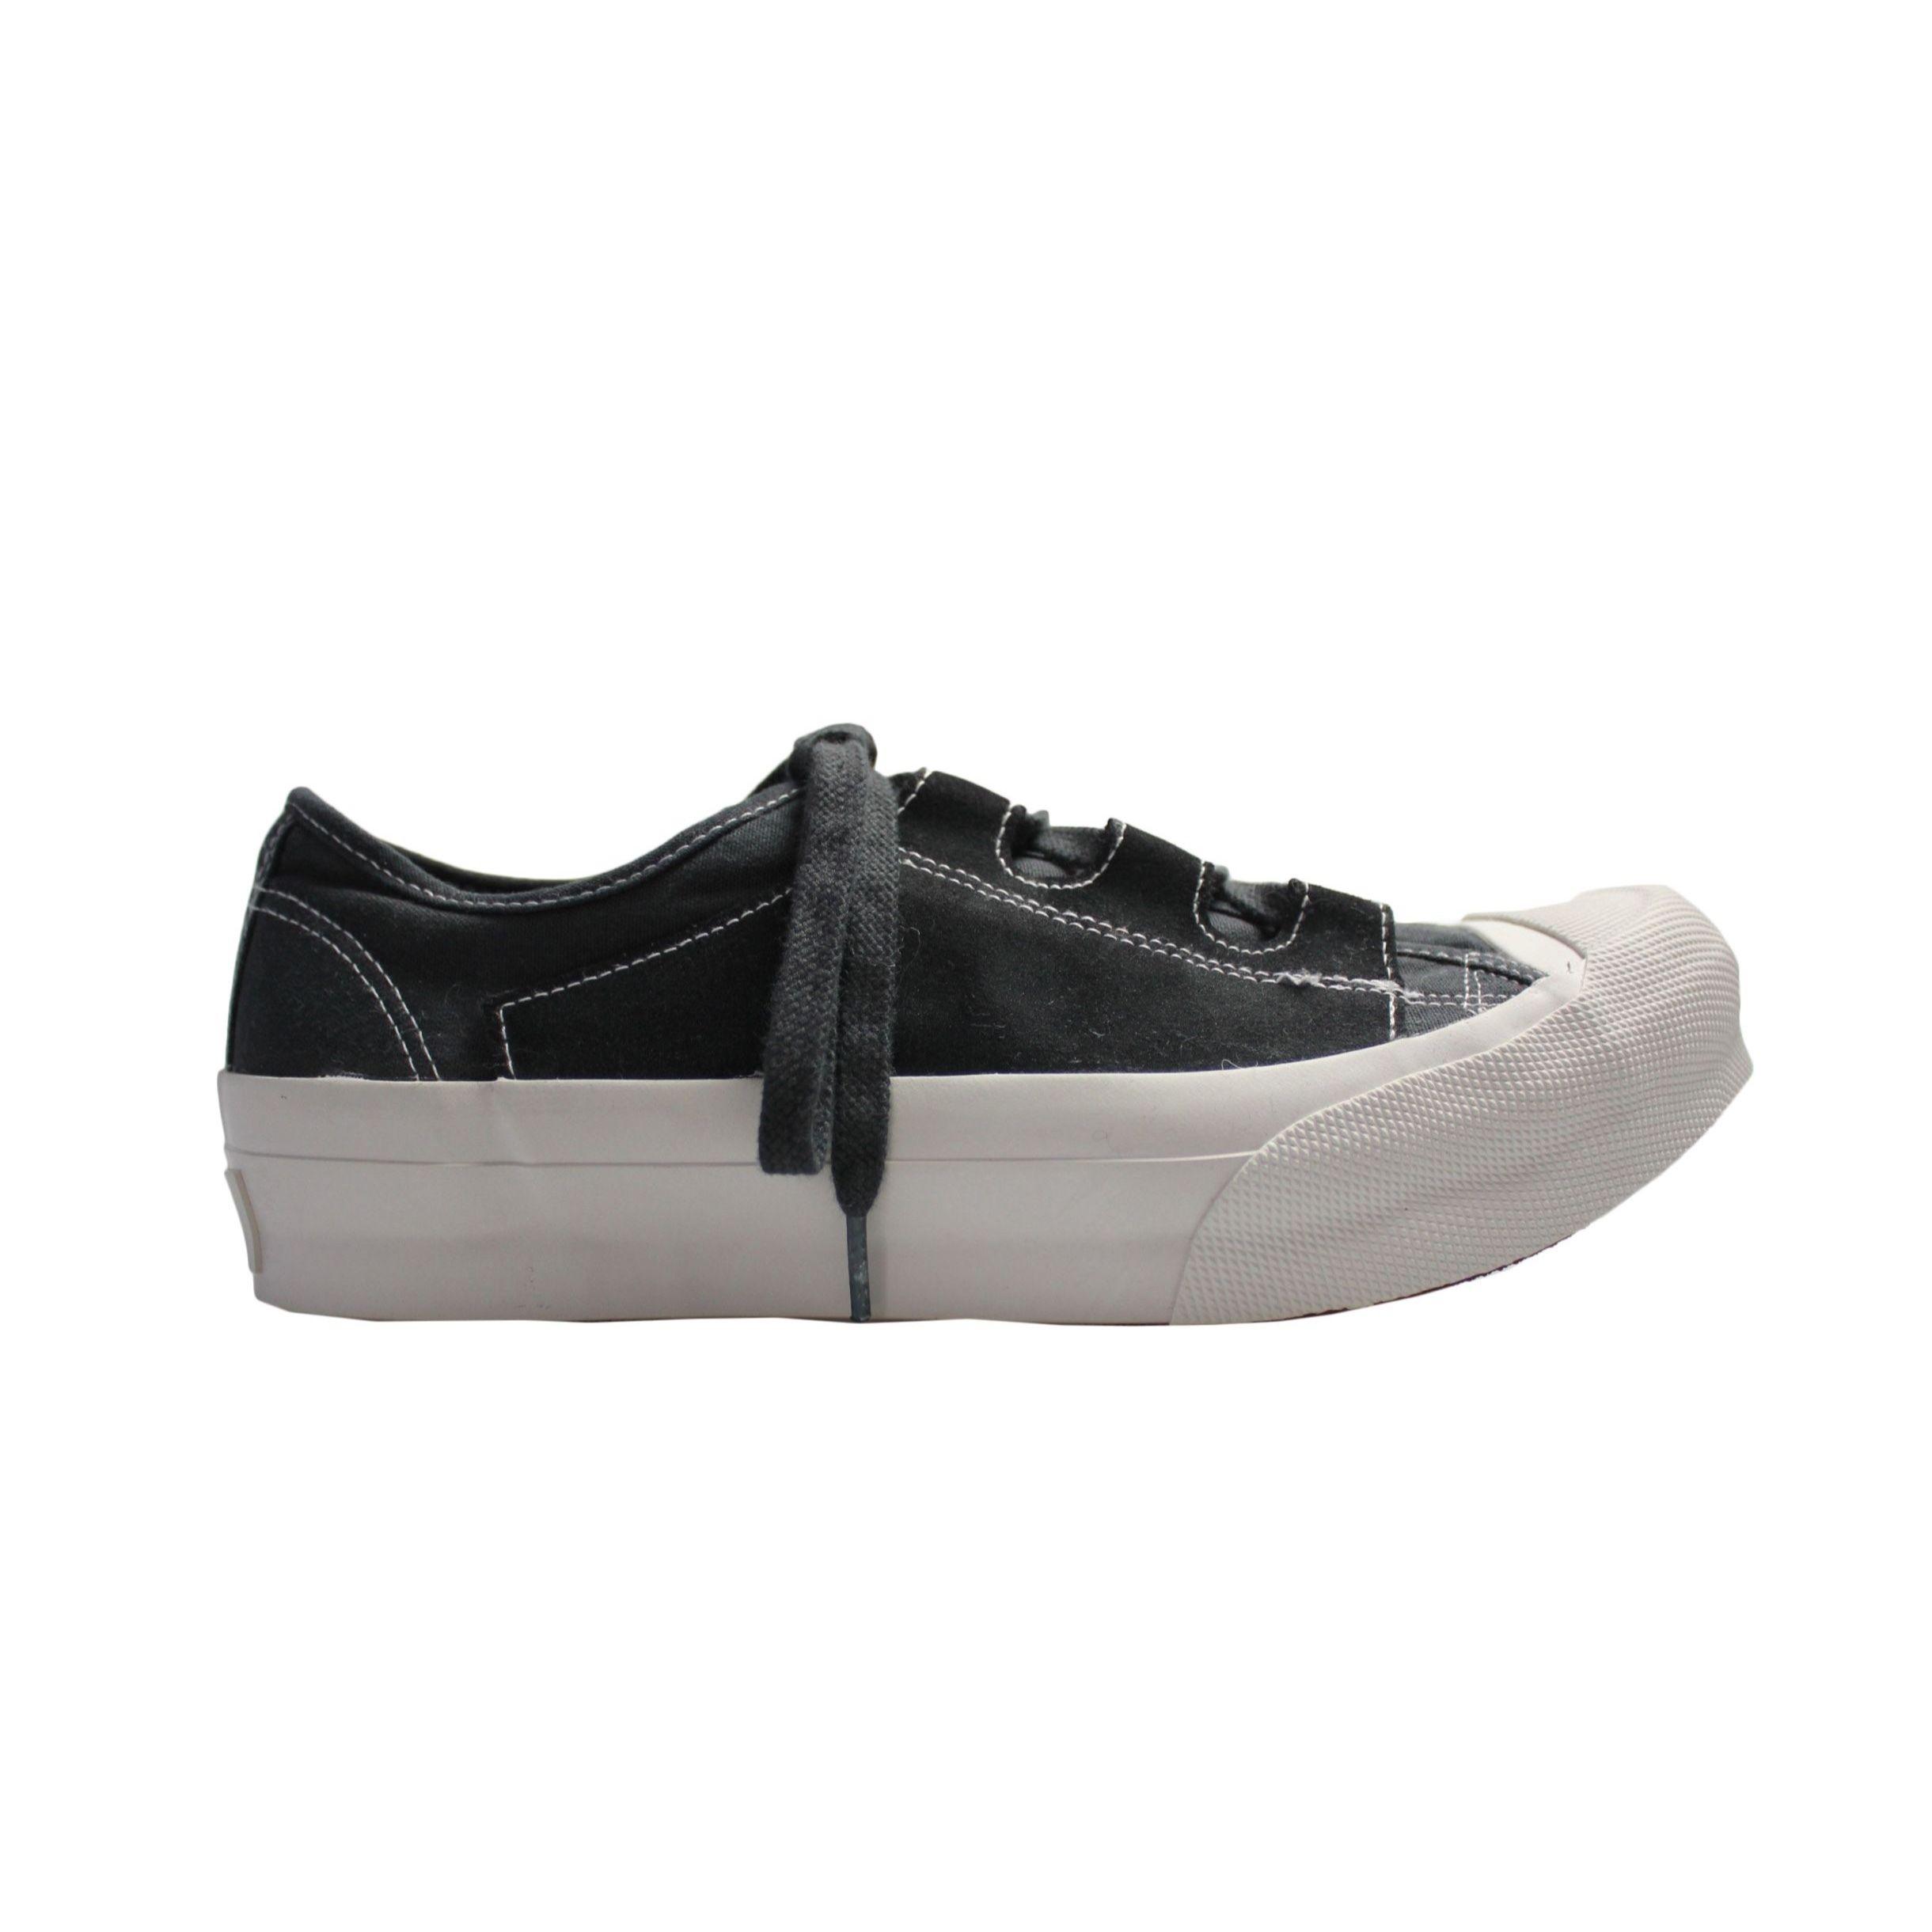 NEEDLES - Asymmetric Ghillie Sneaker  -black